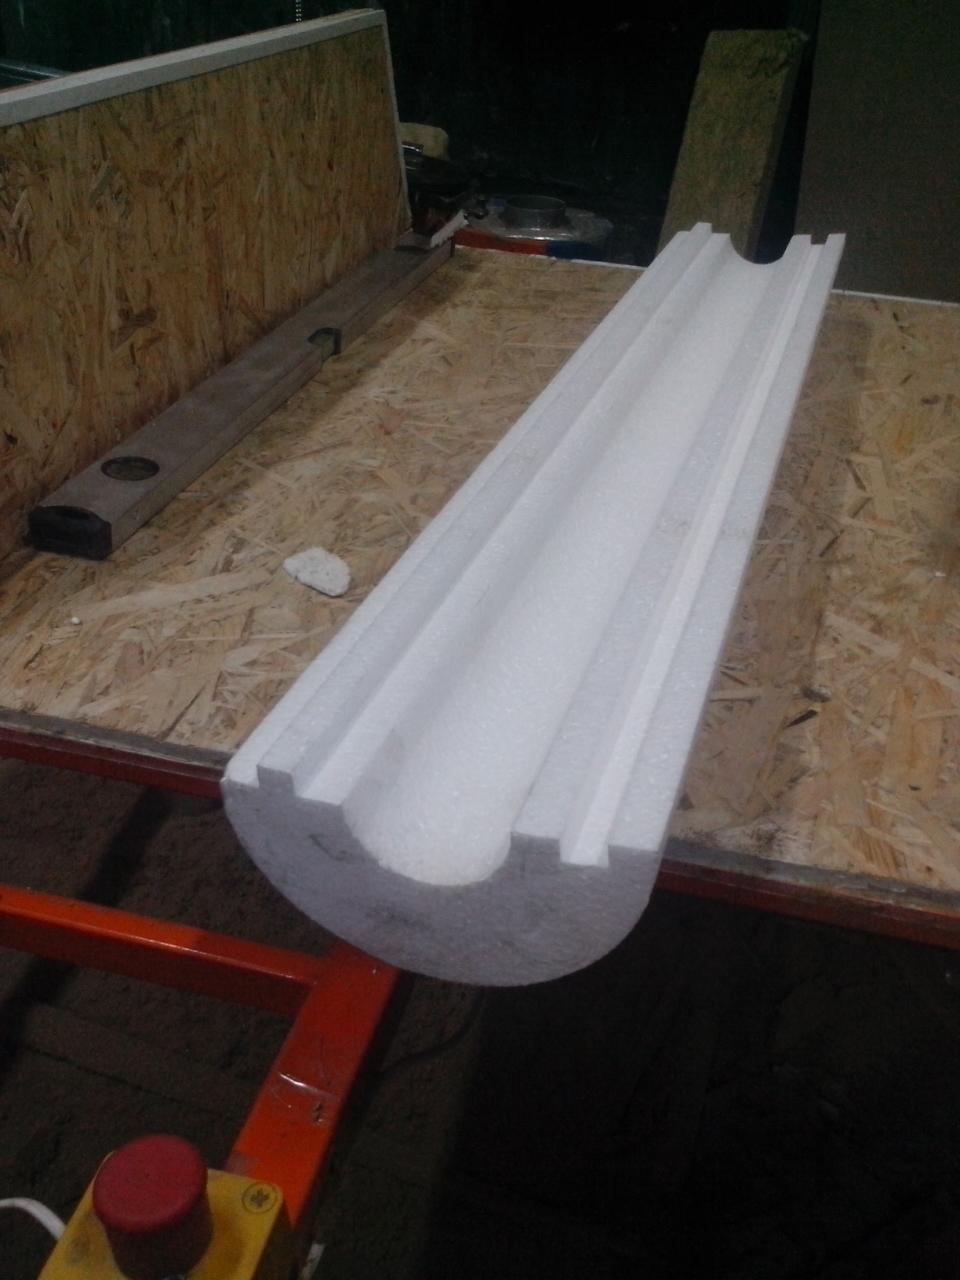 Утеплитель из пенопласта (пенополистирола) для труб Ø 168 мм толщиной 40 мм